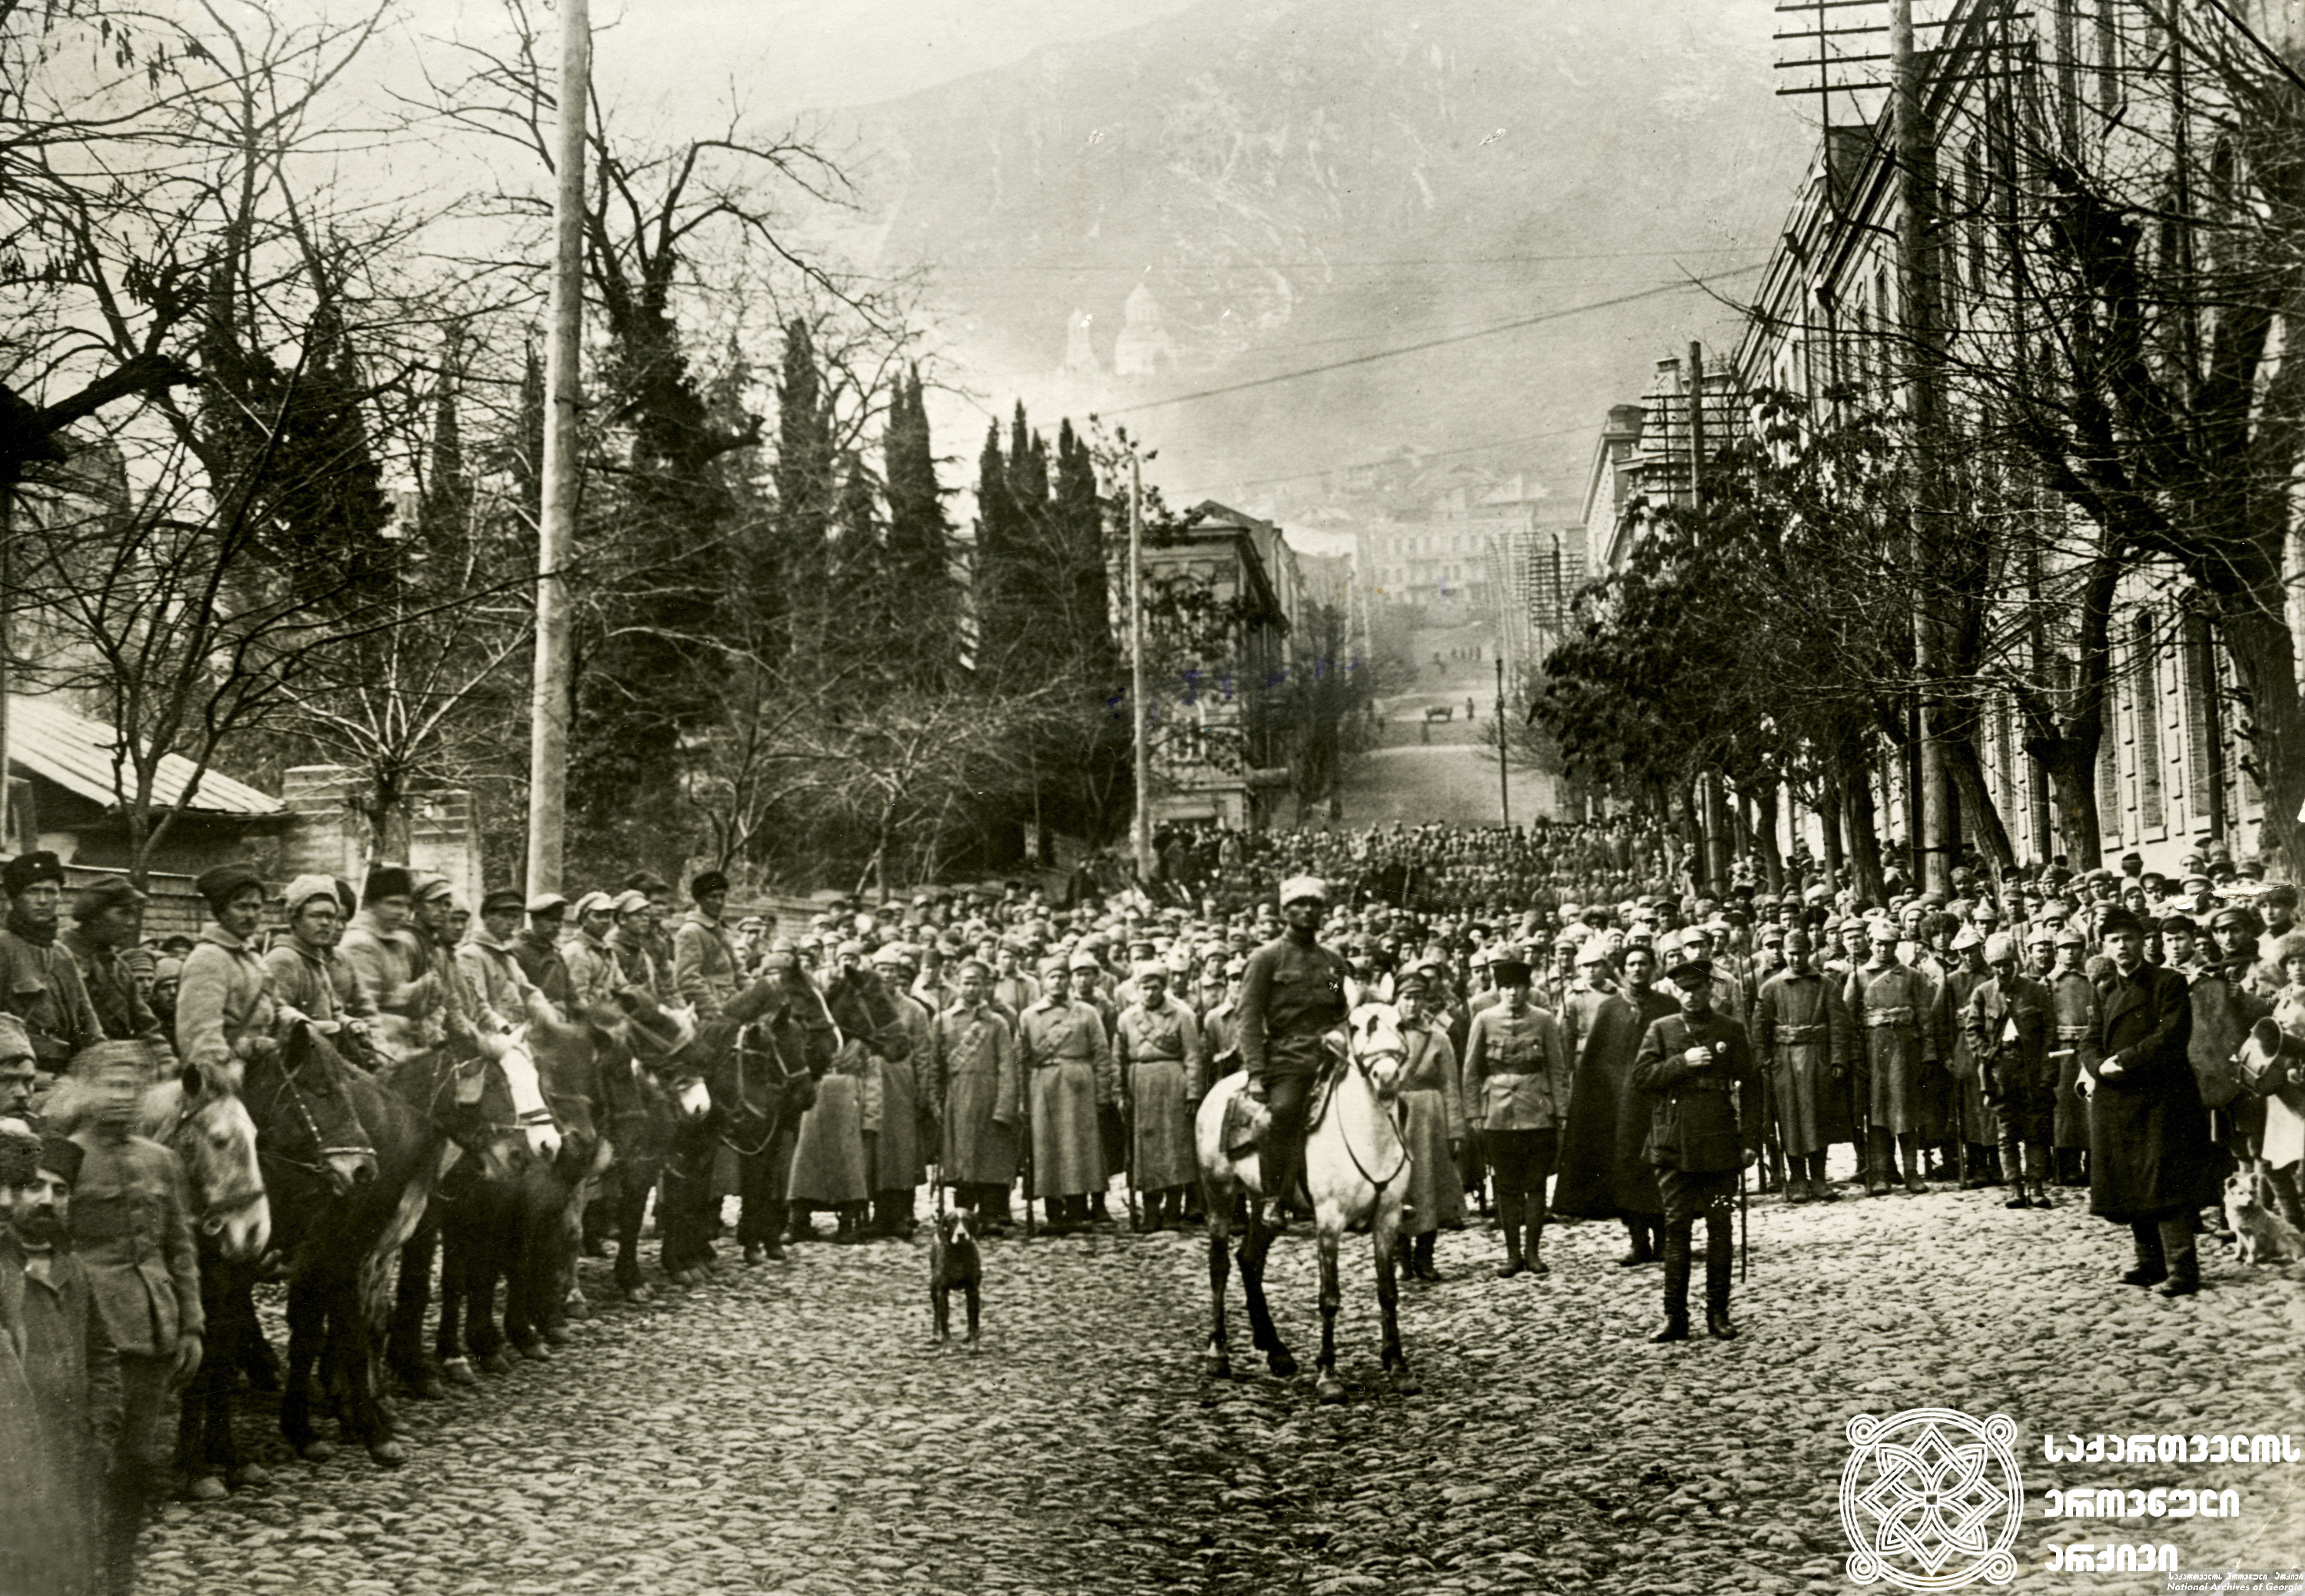 საბჭოთა რუსეთის მე-11 წითელი არმიის შემოსვლა თბილისში. <br> 1921 წლის 25 თებერვალი. <br>  Invasion of the 11th Red Army of the Soviet Russia in Tbilisi. <br> February 25, 1921.